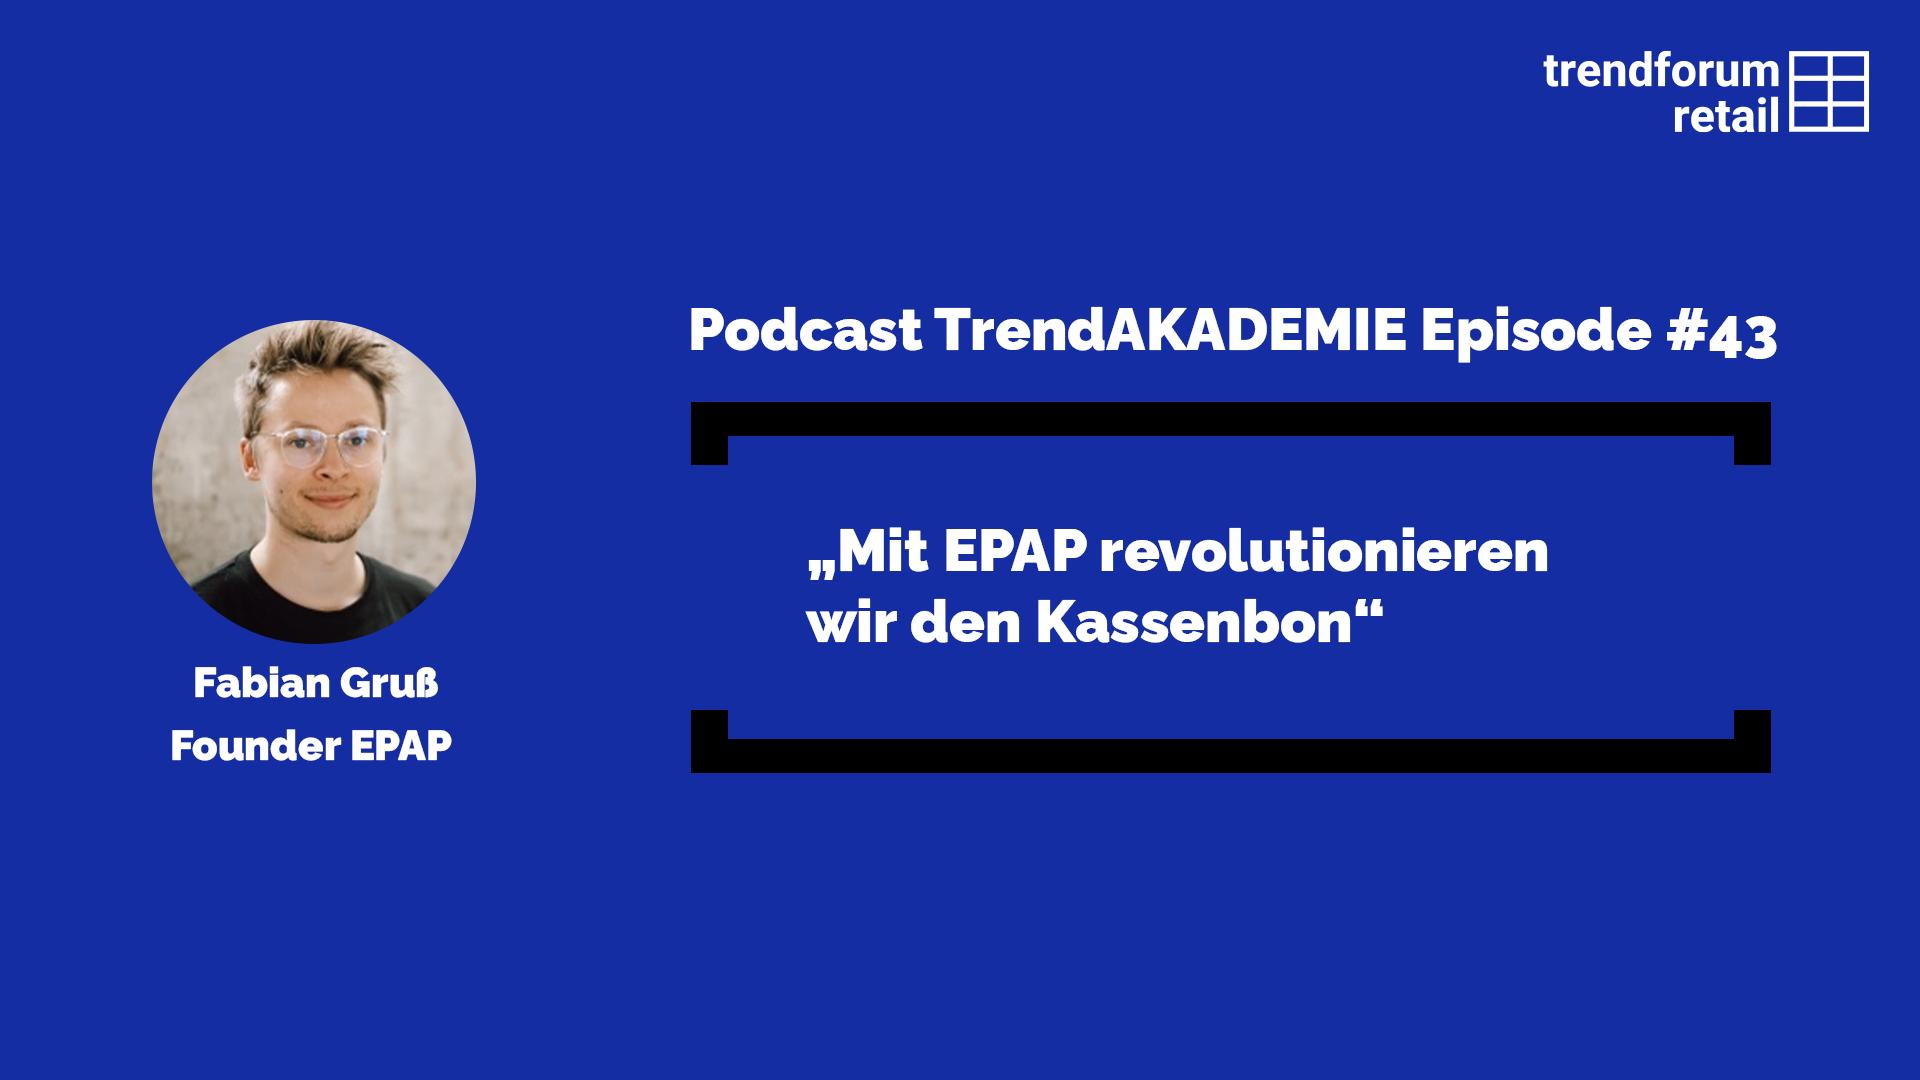 """Podcast TrendAKADEMIE - Episode 43: """"Mit EPAP revolutionieren wir den Kassenbon"""